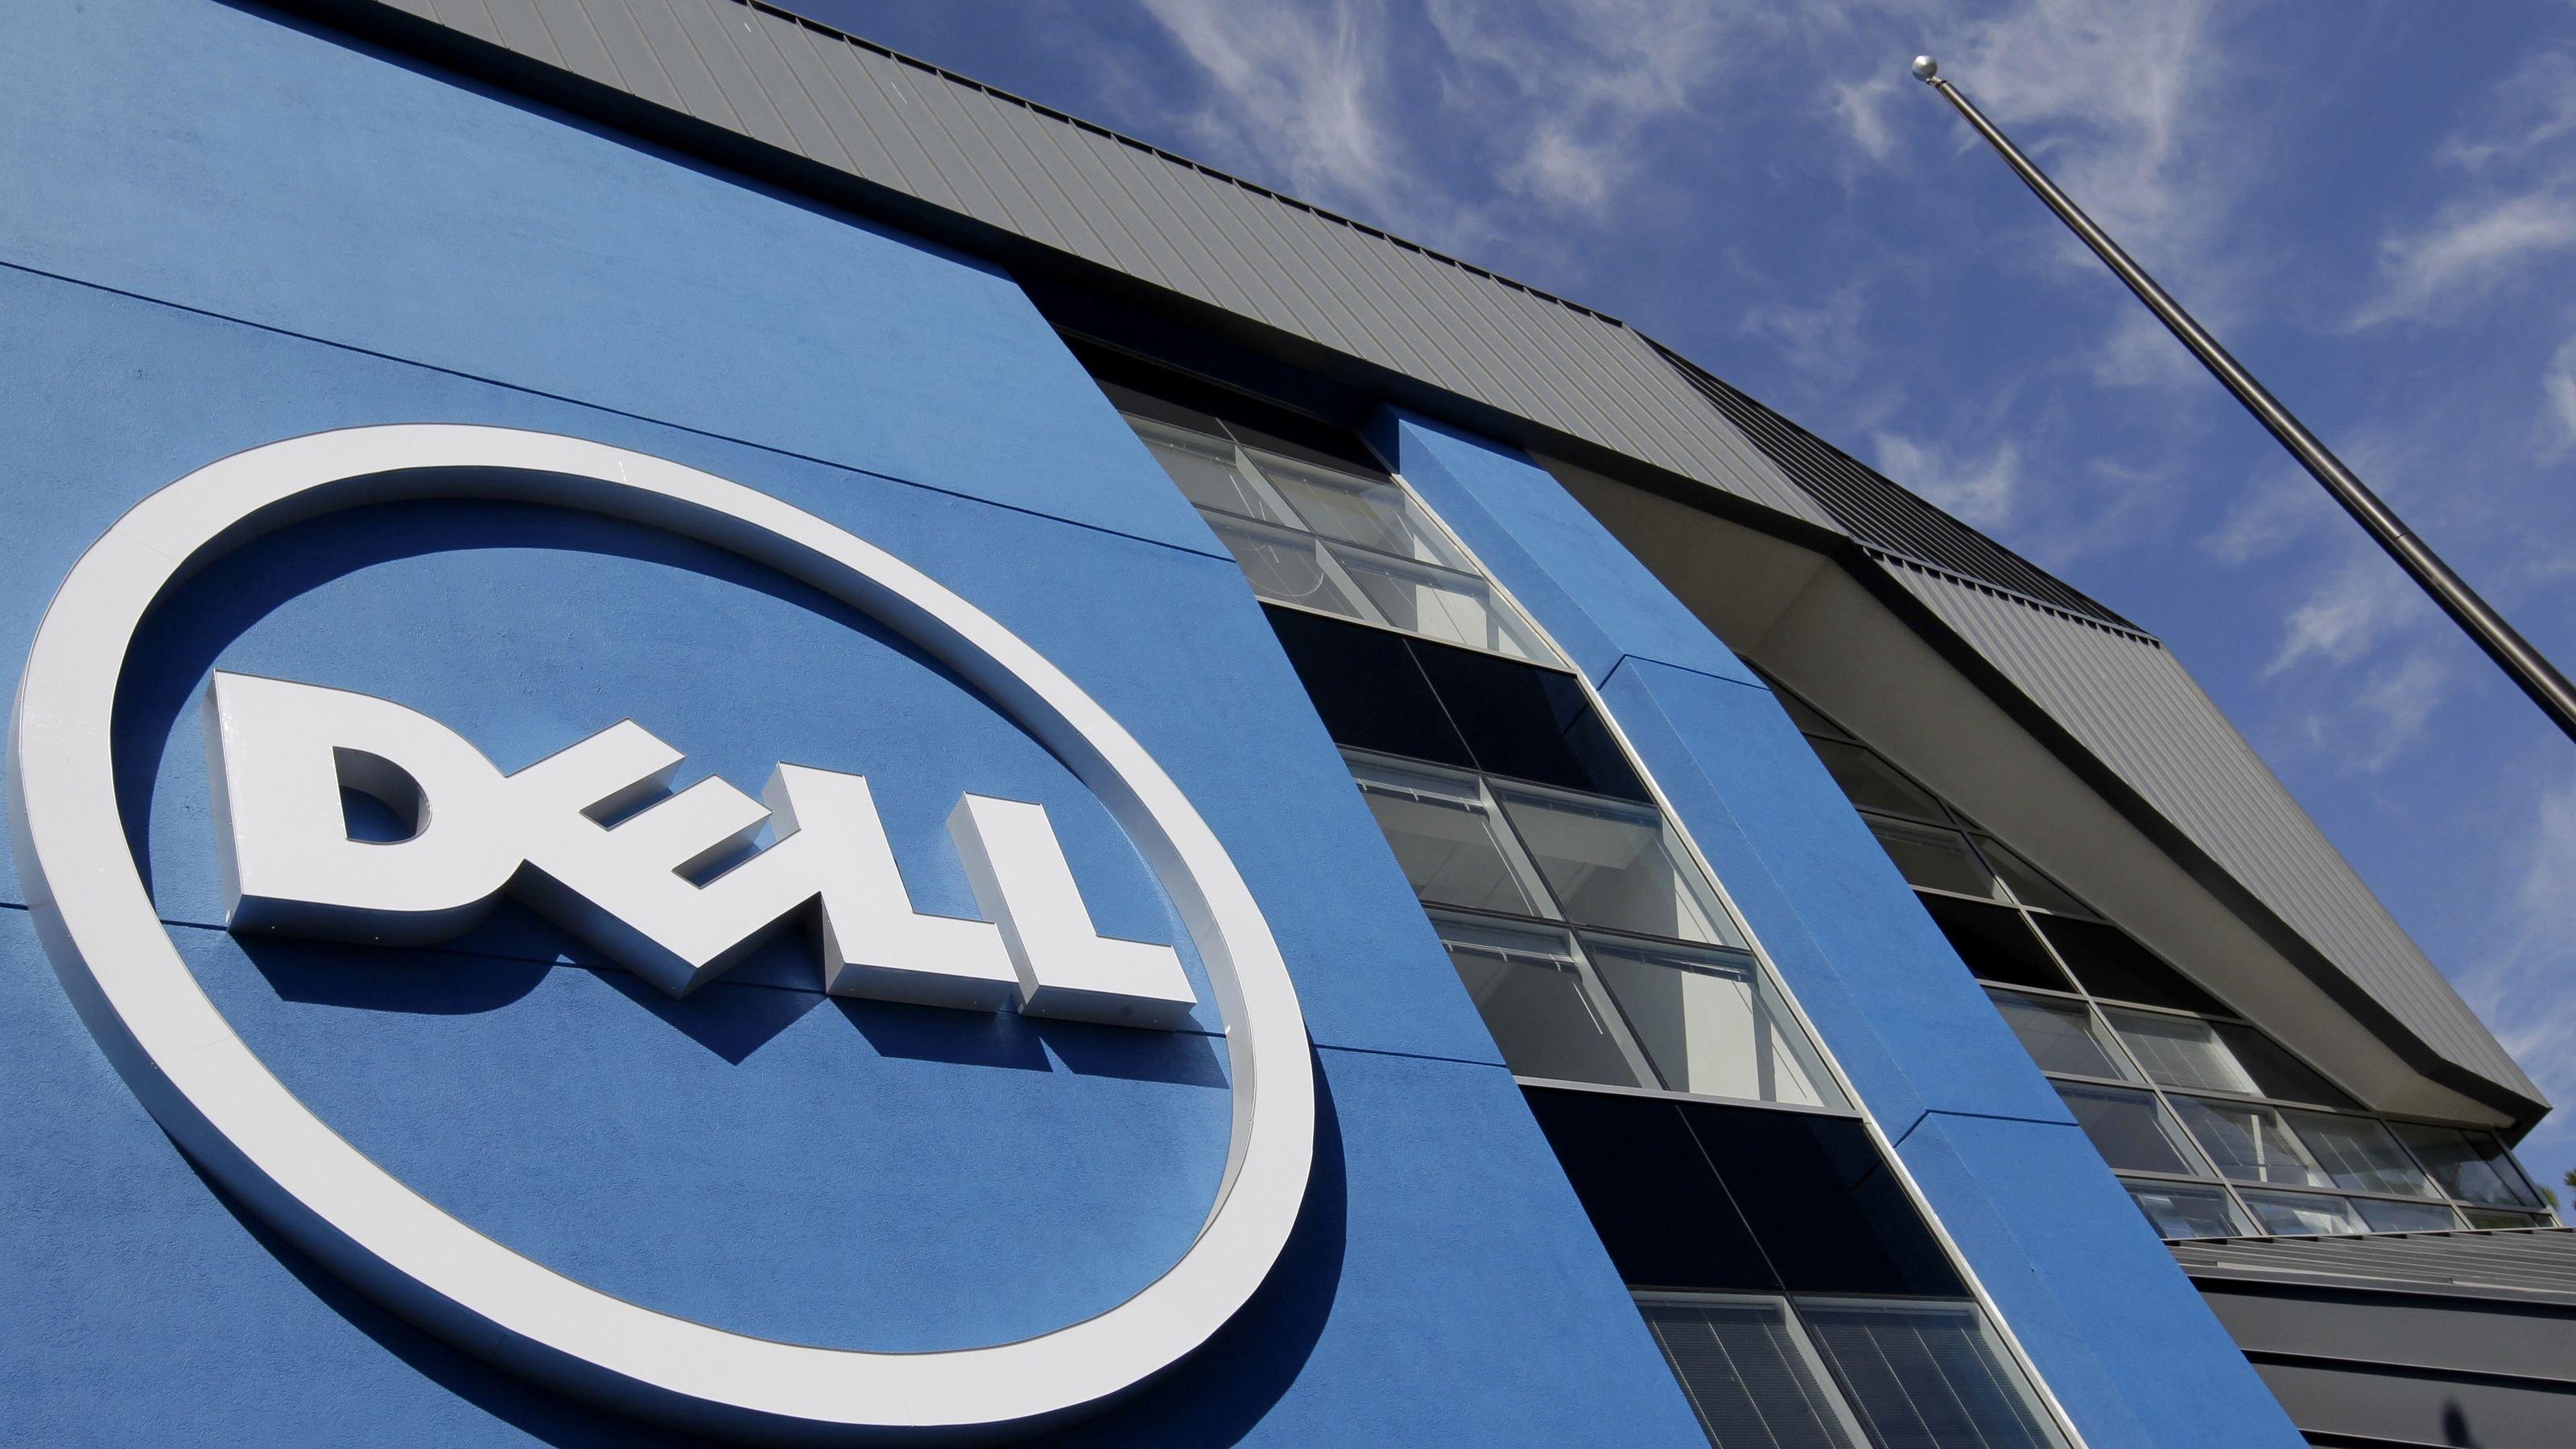 Fall Mobile Wallpaper Dell Wallpapers Hd Pixelstalk Net